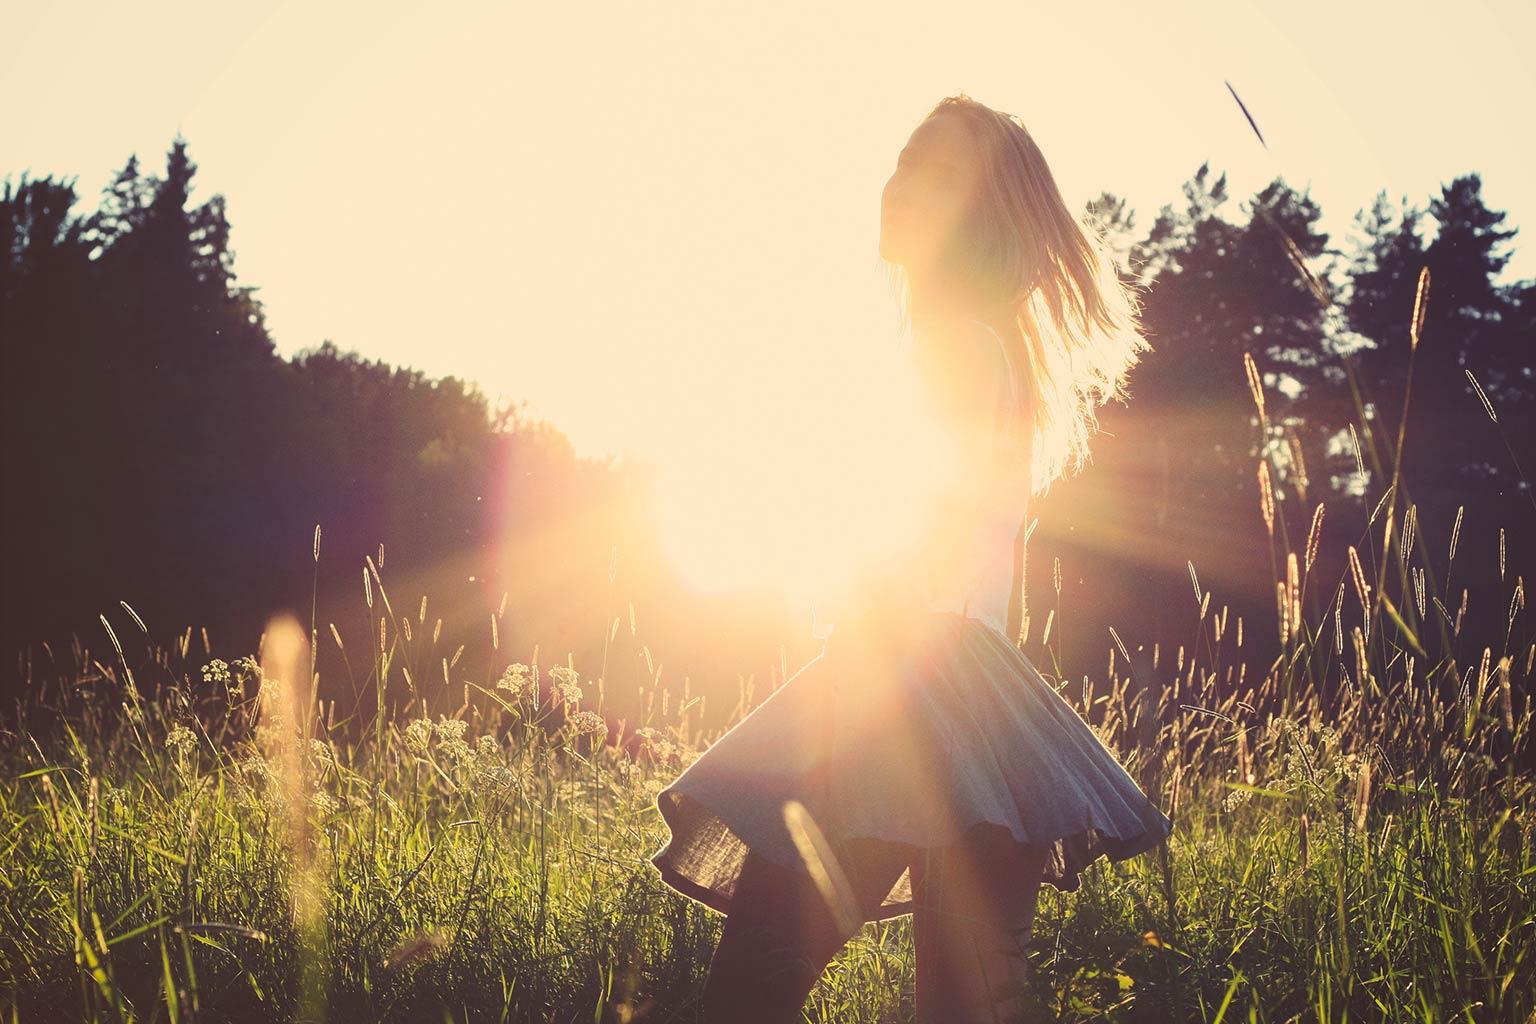 long-haired girl in sunlight